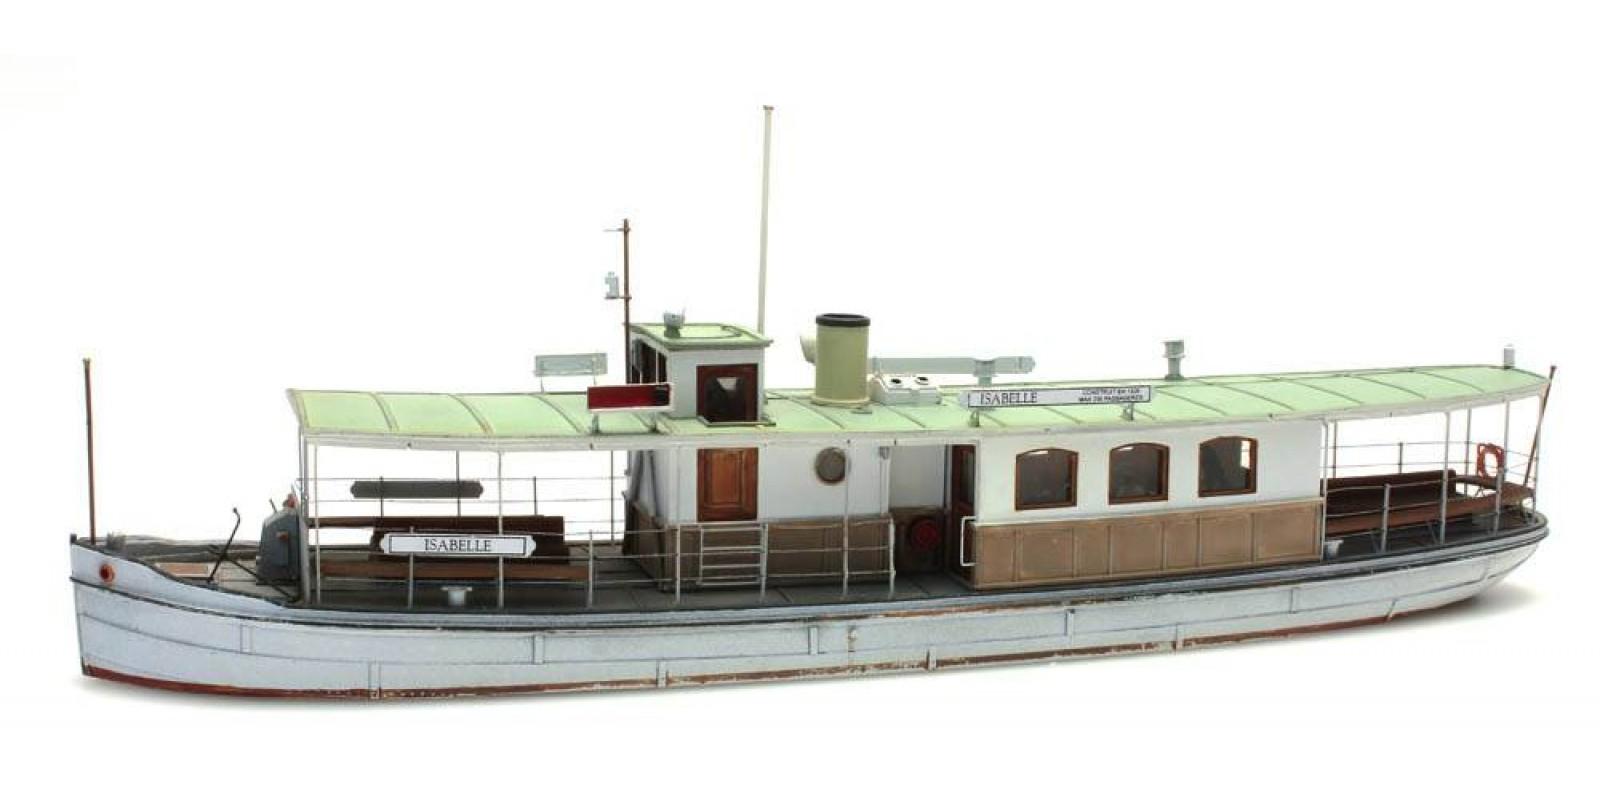 AR50.125 Passenger ship, 1:87 resin kit, unpainted